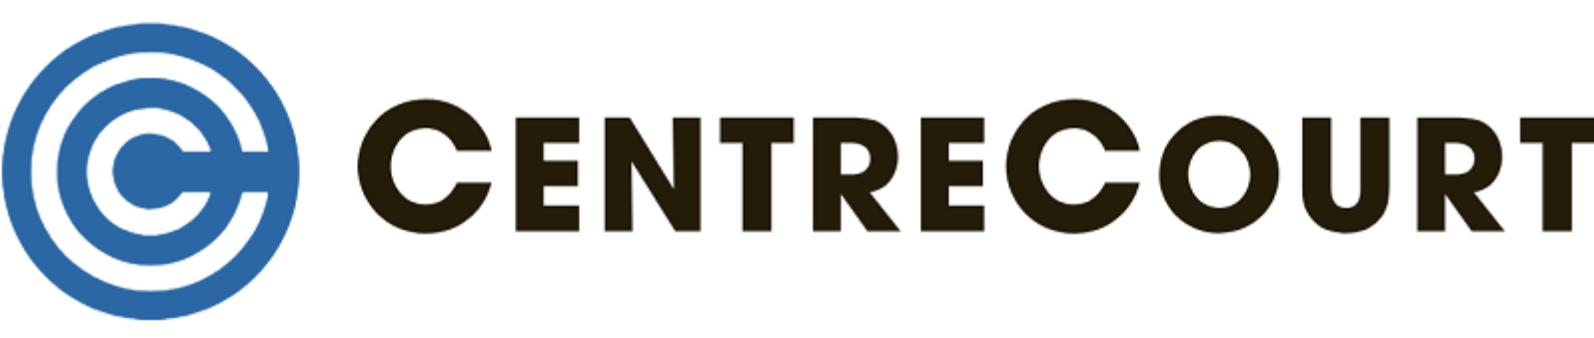 CentreCourt logo